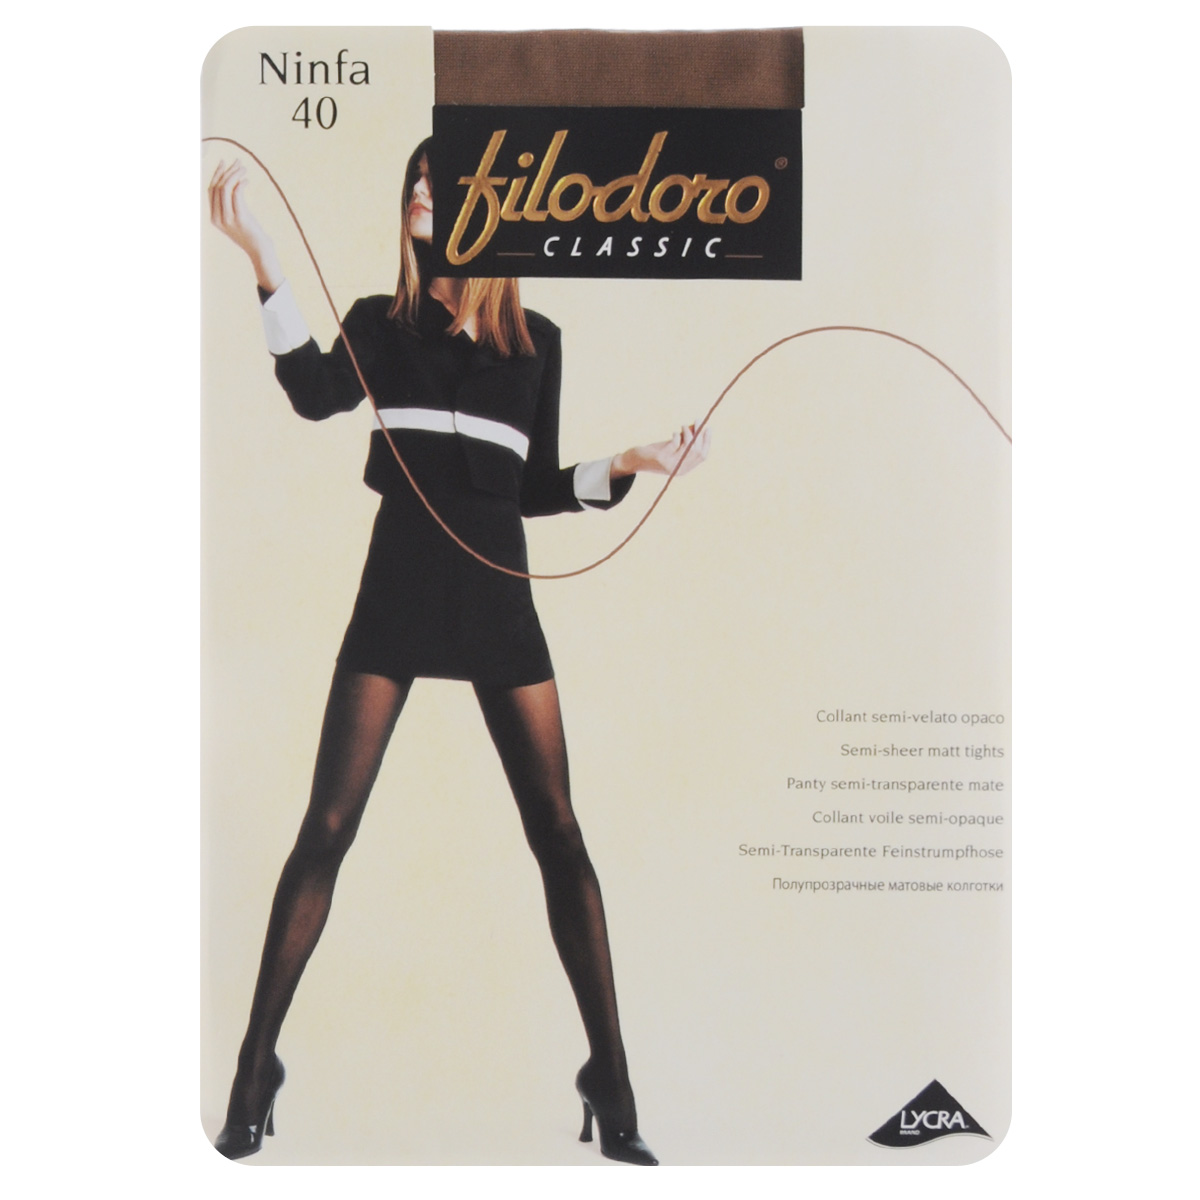 Колготки женские Filodoro Classic Ninfa 40, цвет: Glace (коричневый). C115059FC. Размер 5 (Maxi-XL) колготки женские filodoro classic ninfa 20 цвет nero черный c109172fc размер 2 s